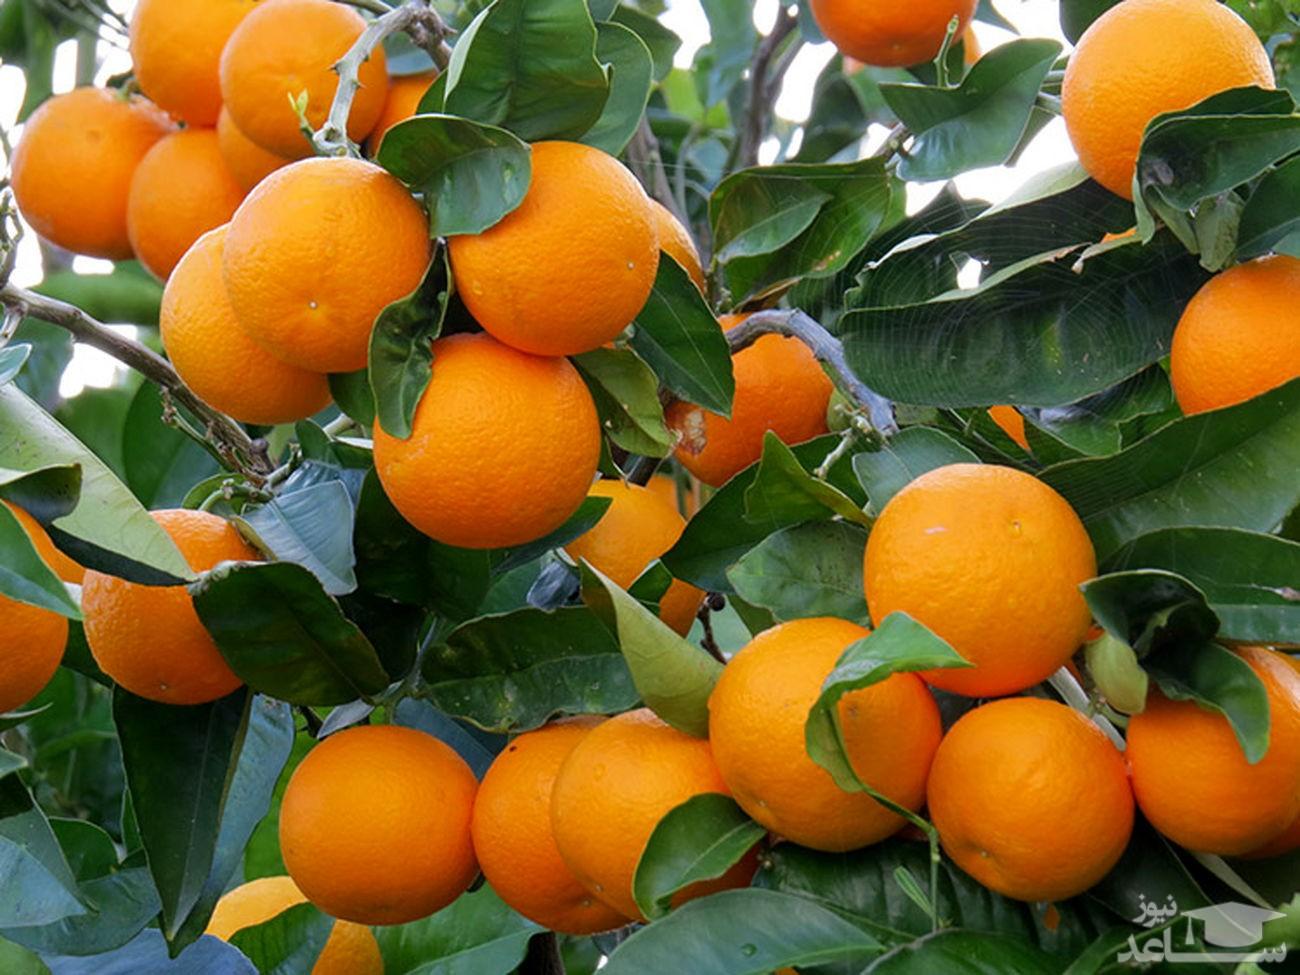 از پرتقال 2 هزار تومانی کشاورزان تا پرتقال 20 هزار تومانی بازار!